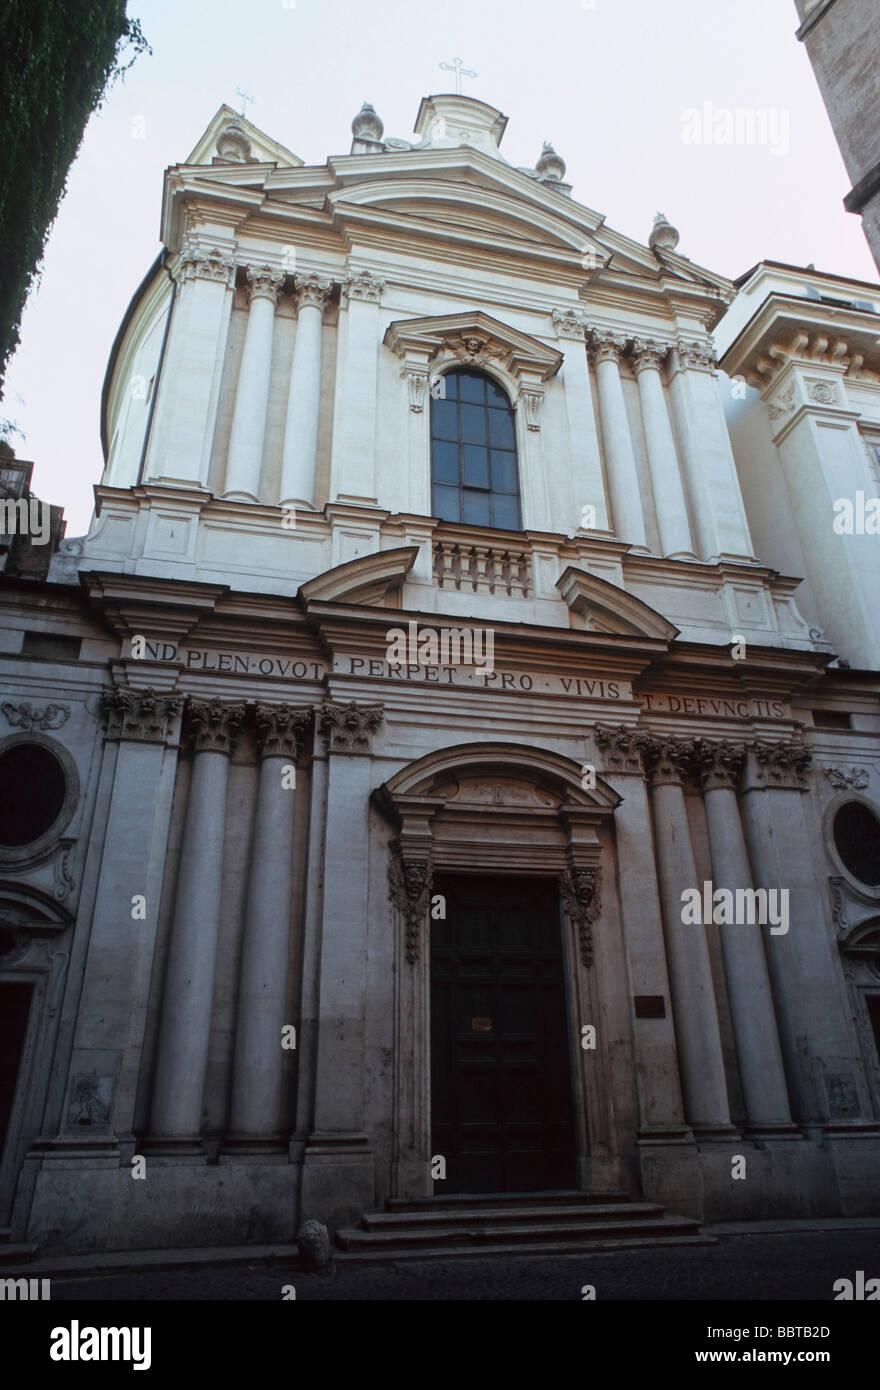 Façade of the church Santa Maria dell'Orazione e Morte in Rome - Stock Image